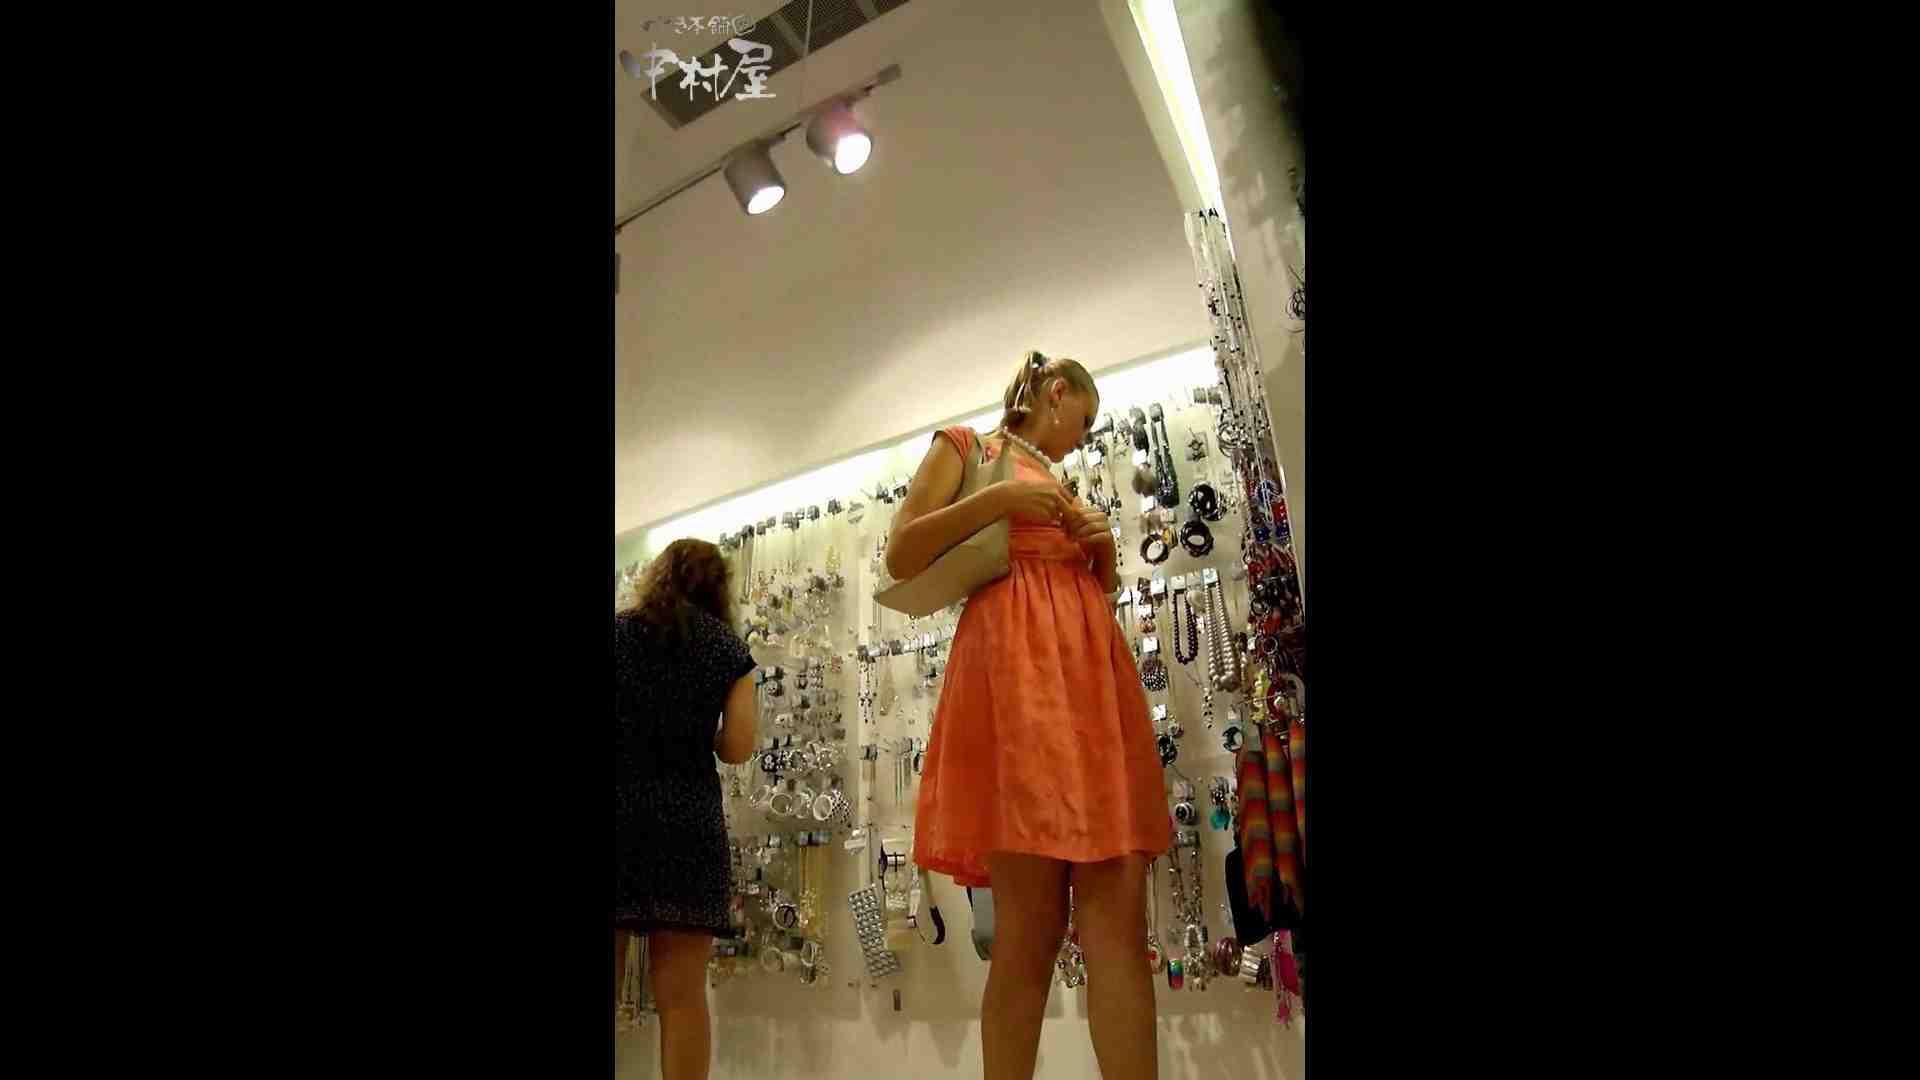 綺麗なモデルさんのスカート捲っちゃおう‼ vol21 OL女体 | お姉さん  49連発 3